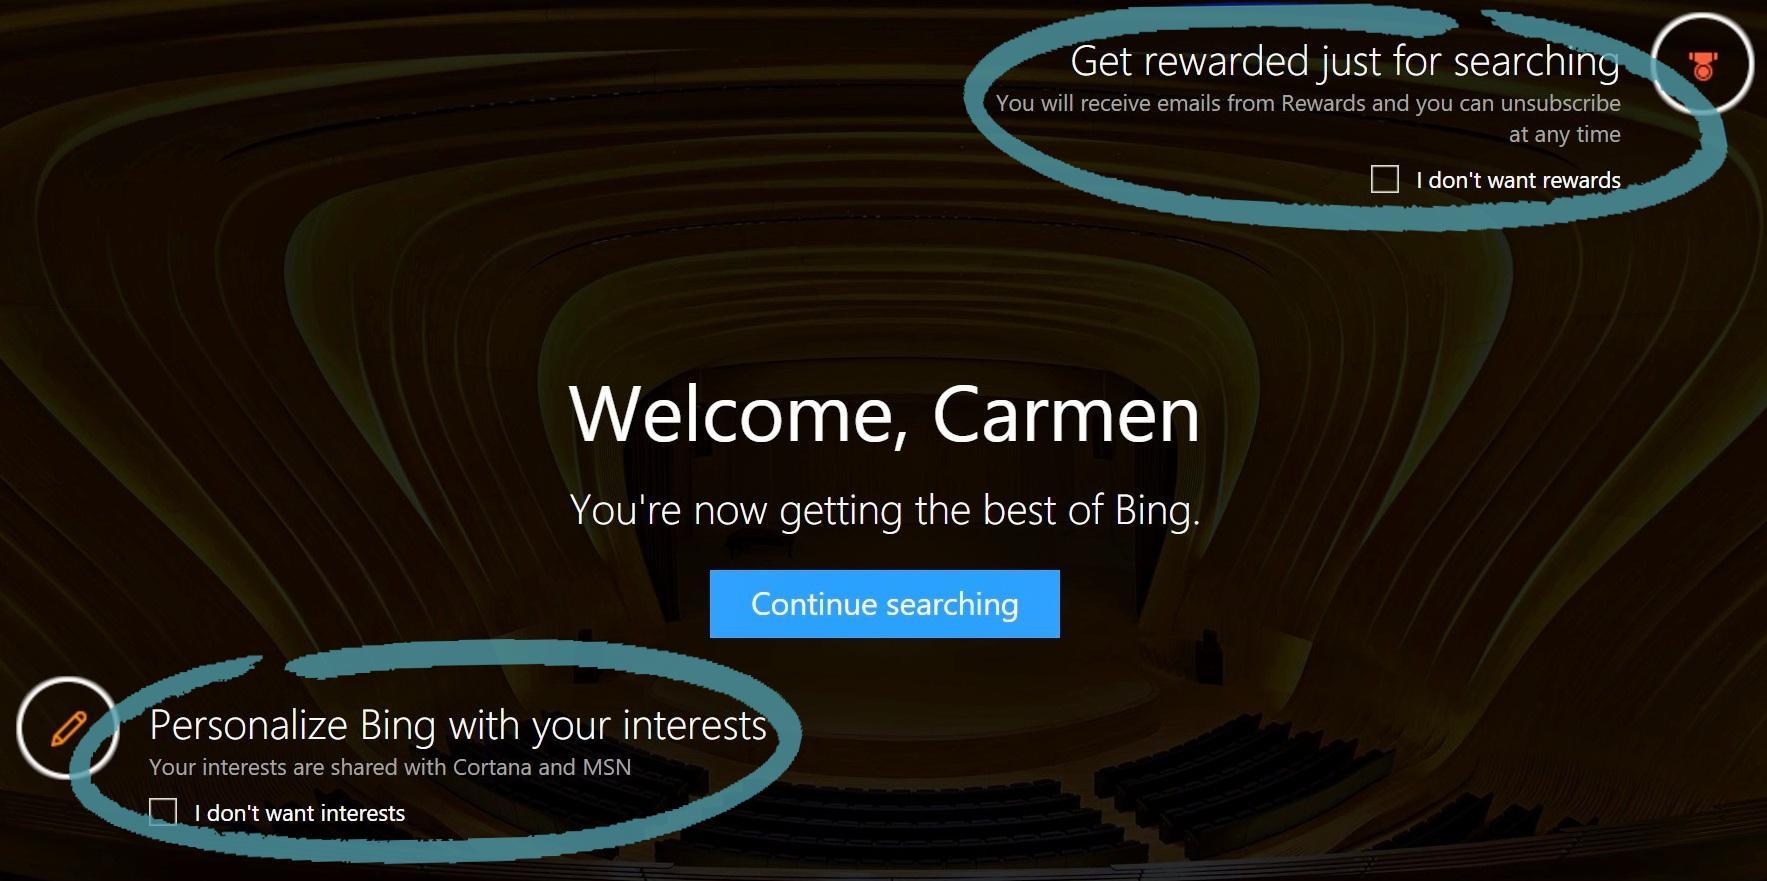 Началната страница на Bing с опция за записване за Награди и Интереси